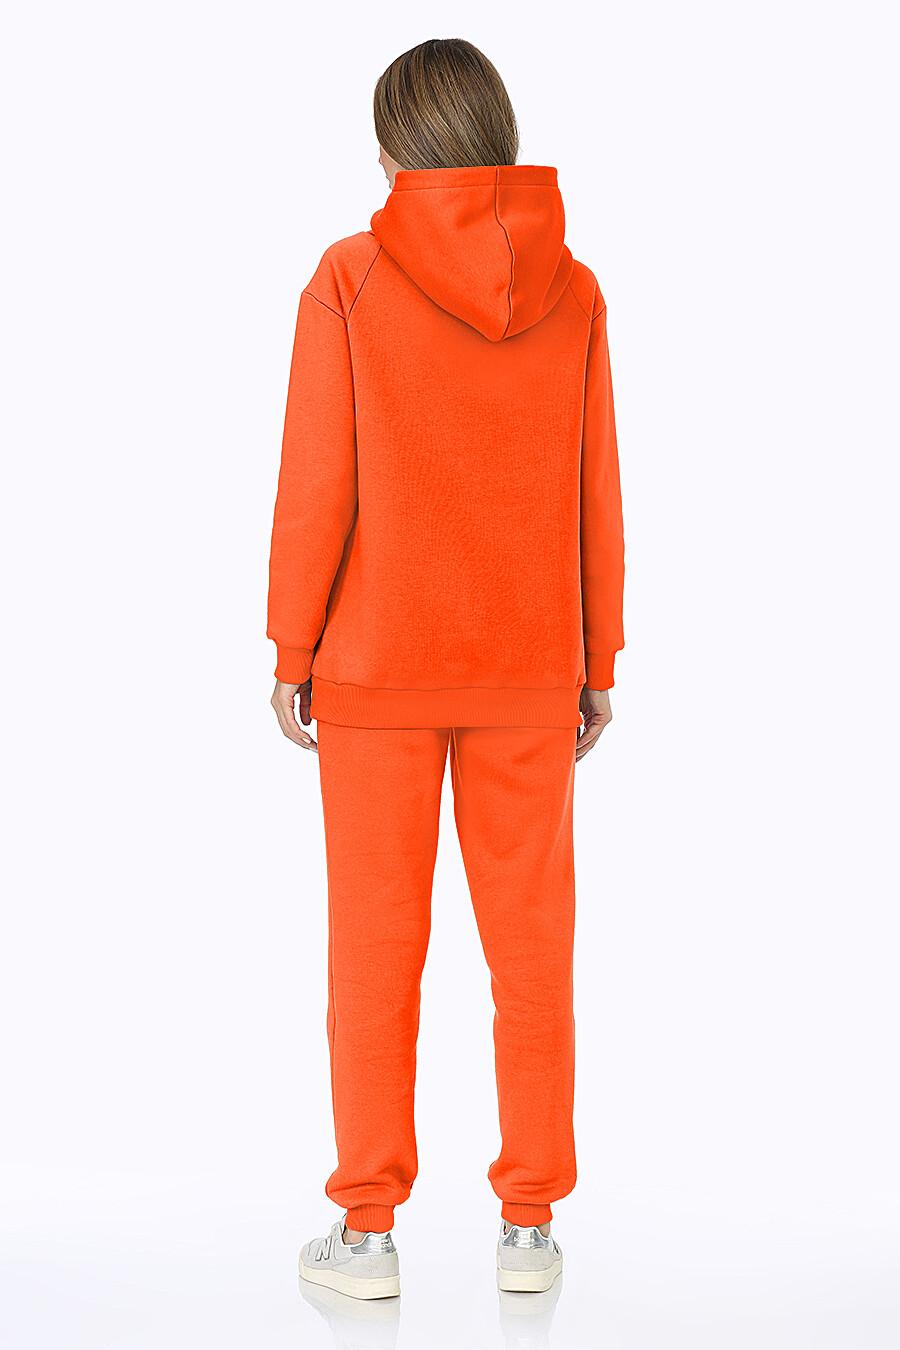 Костюм (Брюки+Худи) для женщин EZANNA 708528 купить оптом от производителя. Совместная покупка женской одежды в OptMoyo